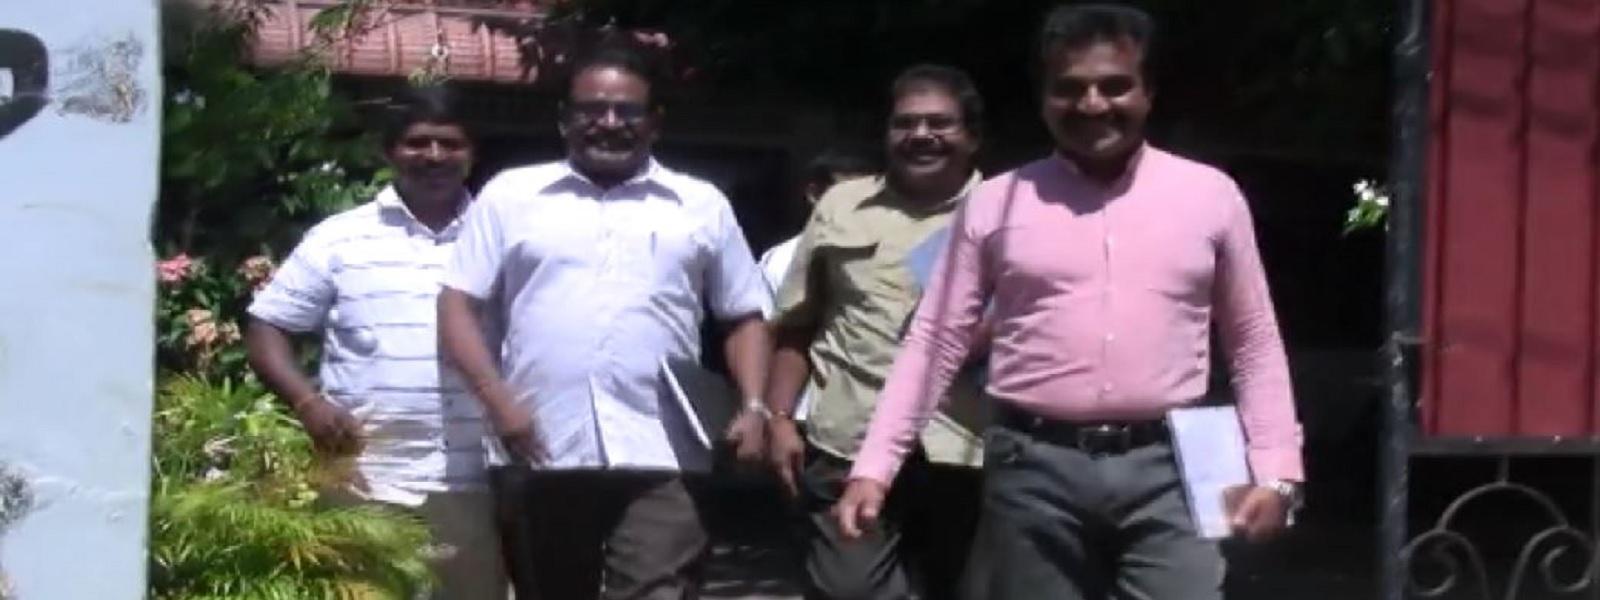 கூட்டமைப்பின் முன்னாள் பாராளுமன்ற உறுப்பினர்கள் மனித உரிமைகள் ஆணைக்குழுவில் முறைப்பாடு